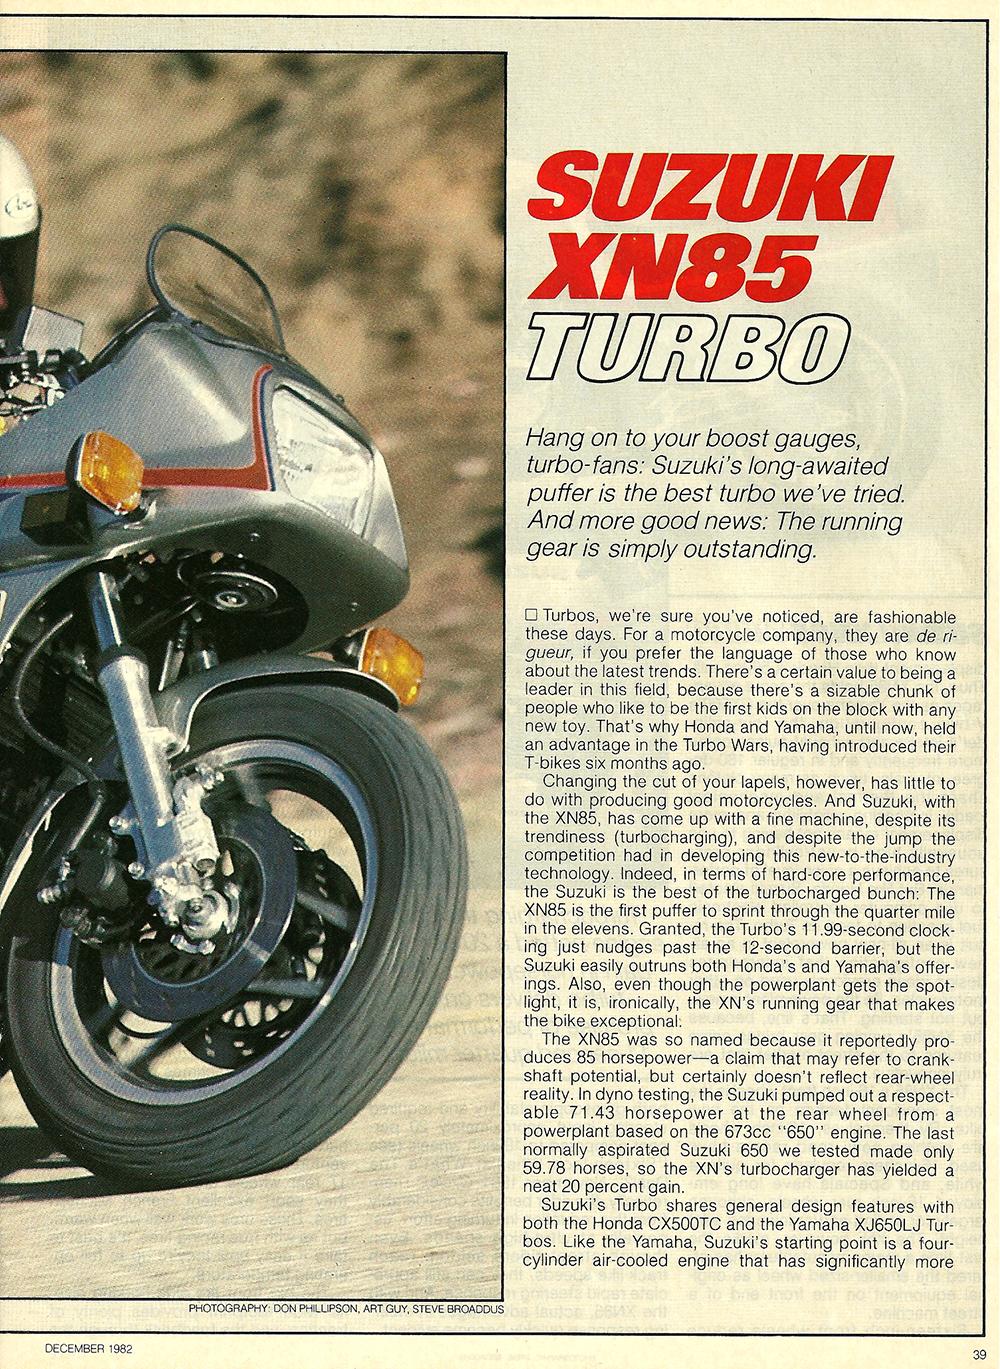 1983 Suzuki XN85 Turbo road test 2.jpg